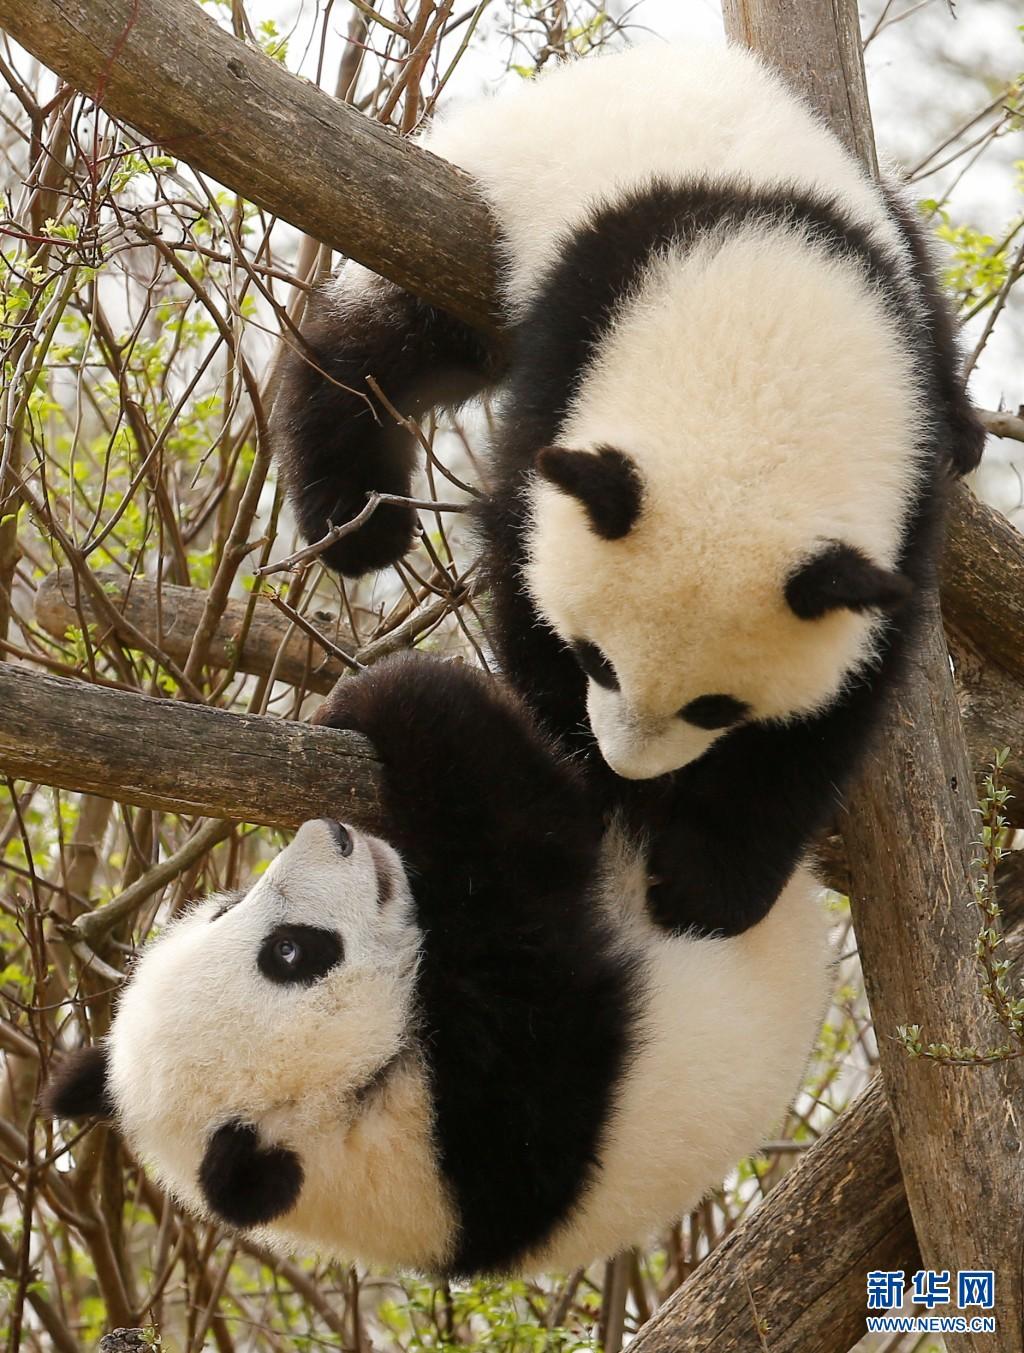 http://news.qingdaonews.com/images/attachement/jpg/site1/20170324/0026c77e6d1a1a3ece5e01.jpg /enpproperty-->    当地时间2017年3月23日,奥地利维也纳美泉宫动物园,双胞胎大熊猫宝宝福伴和福凤。2016年8月7日,阳阳和大熊猫龙徽通过自然交配产下福伴和福凤。图片来源:视觉中国    当地时间2017年3月23日,奥地利维也纳美泉宫动物园,双胞胎大熊猫宝宝福伴和福凤